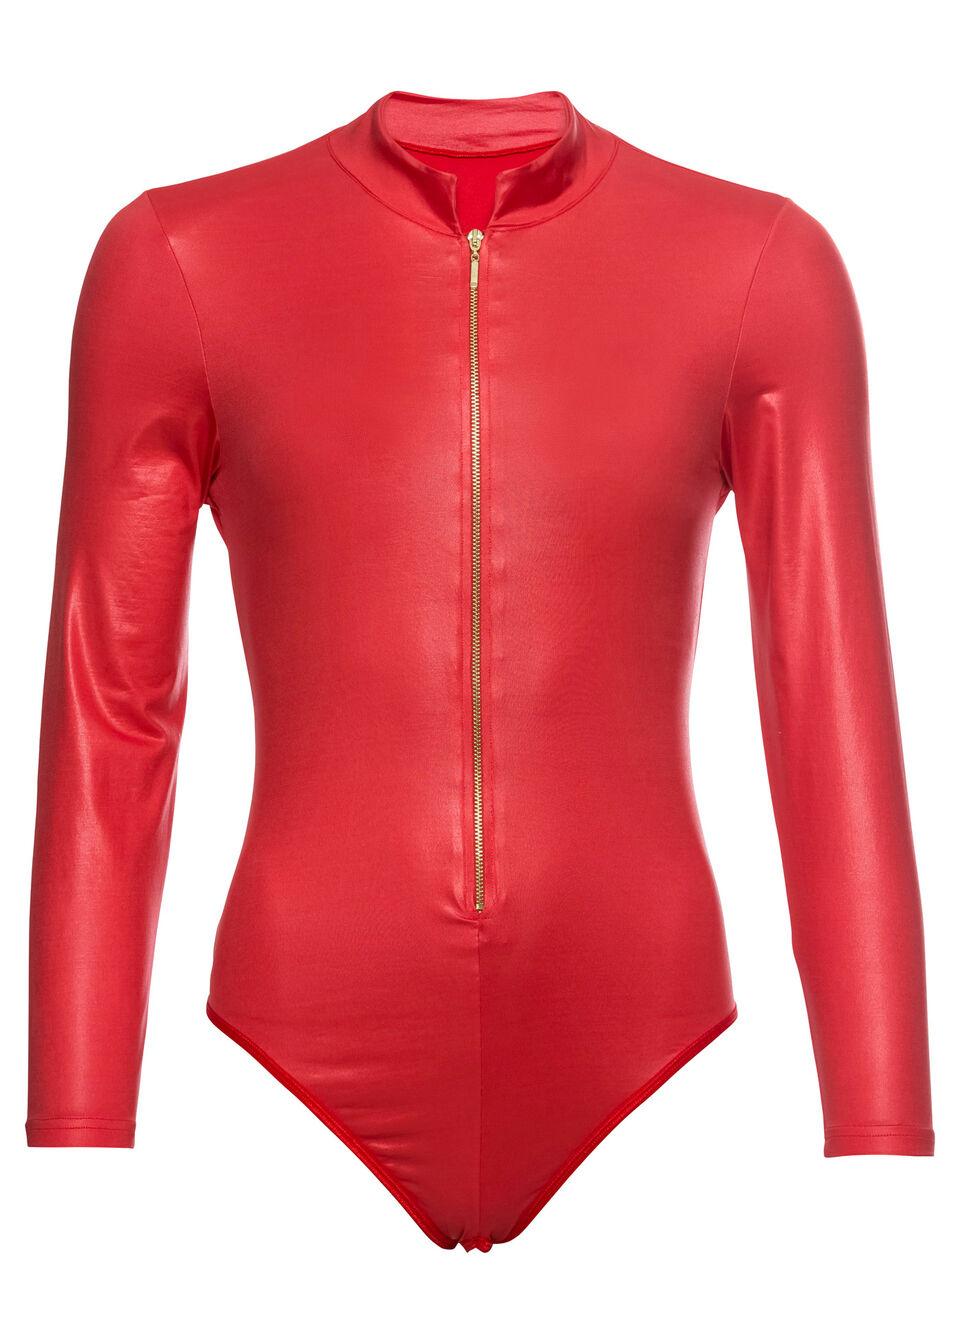 Эротическое белье, Боди с длинным рукавом, bonprix, красный  - купить со скидкой